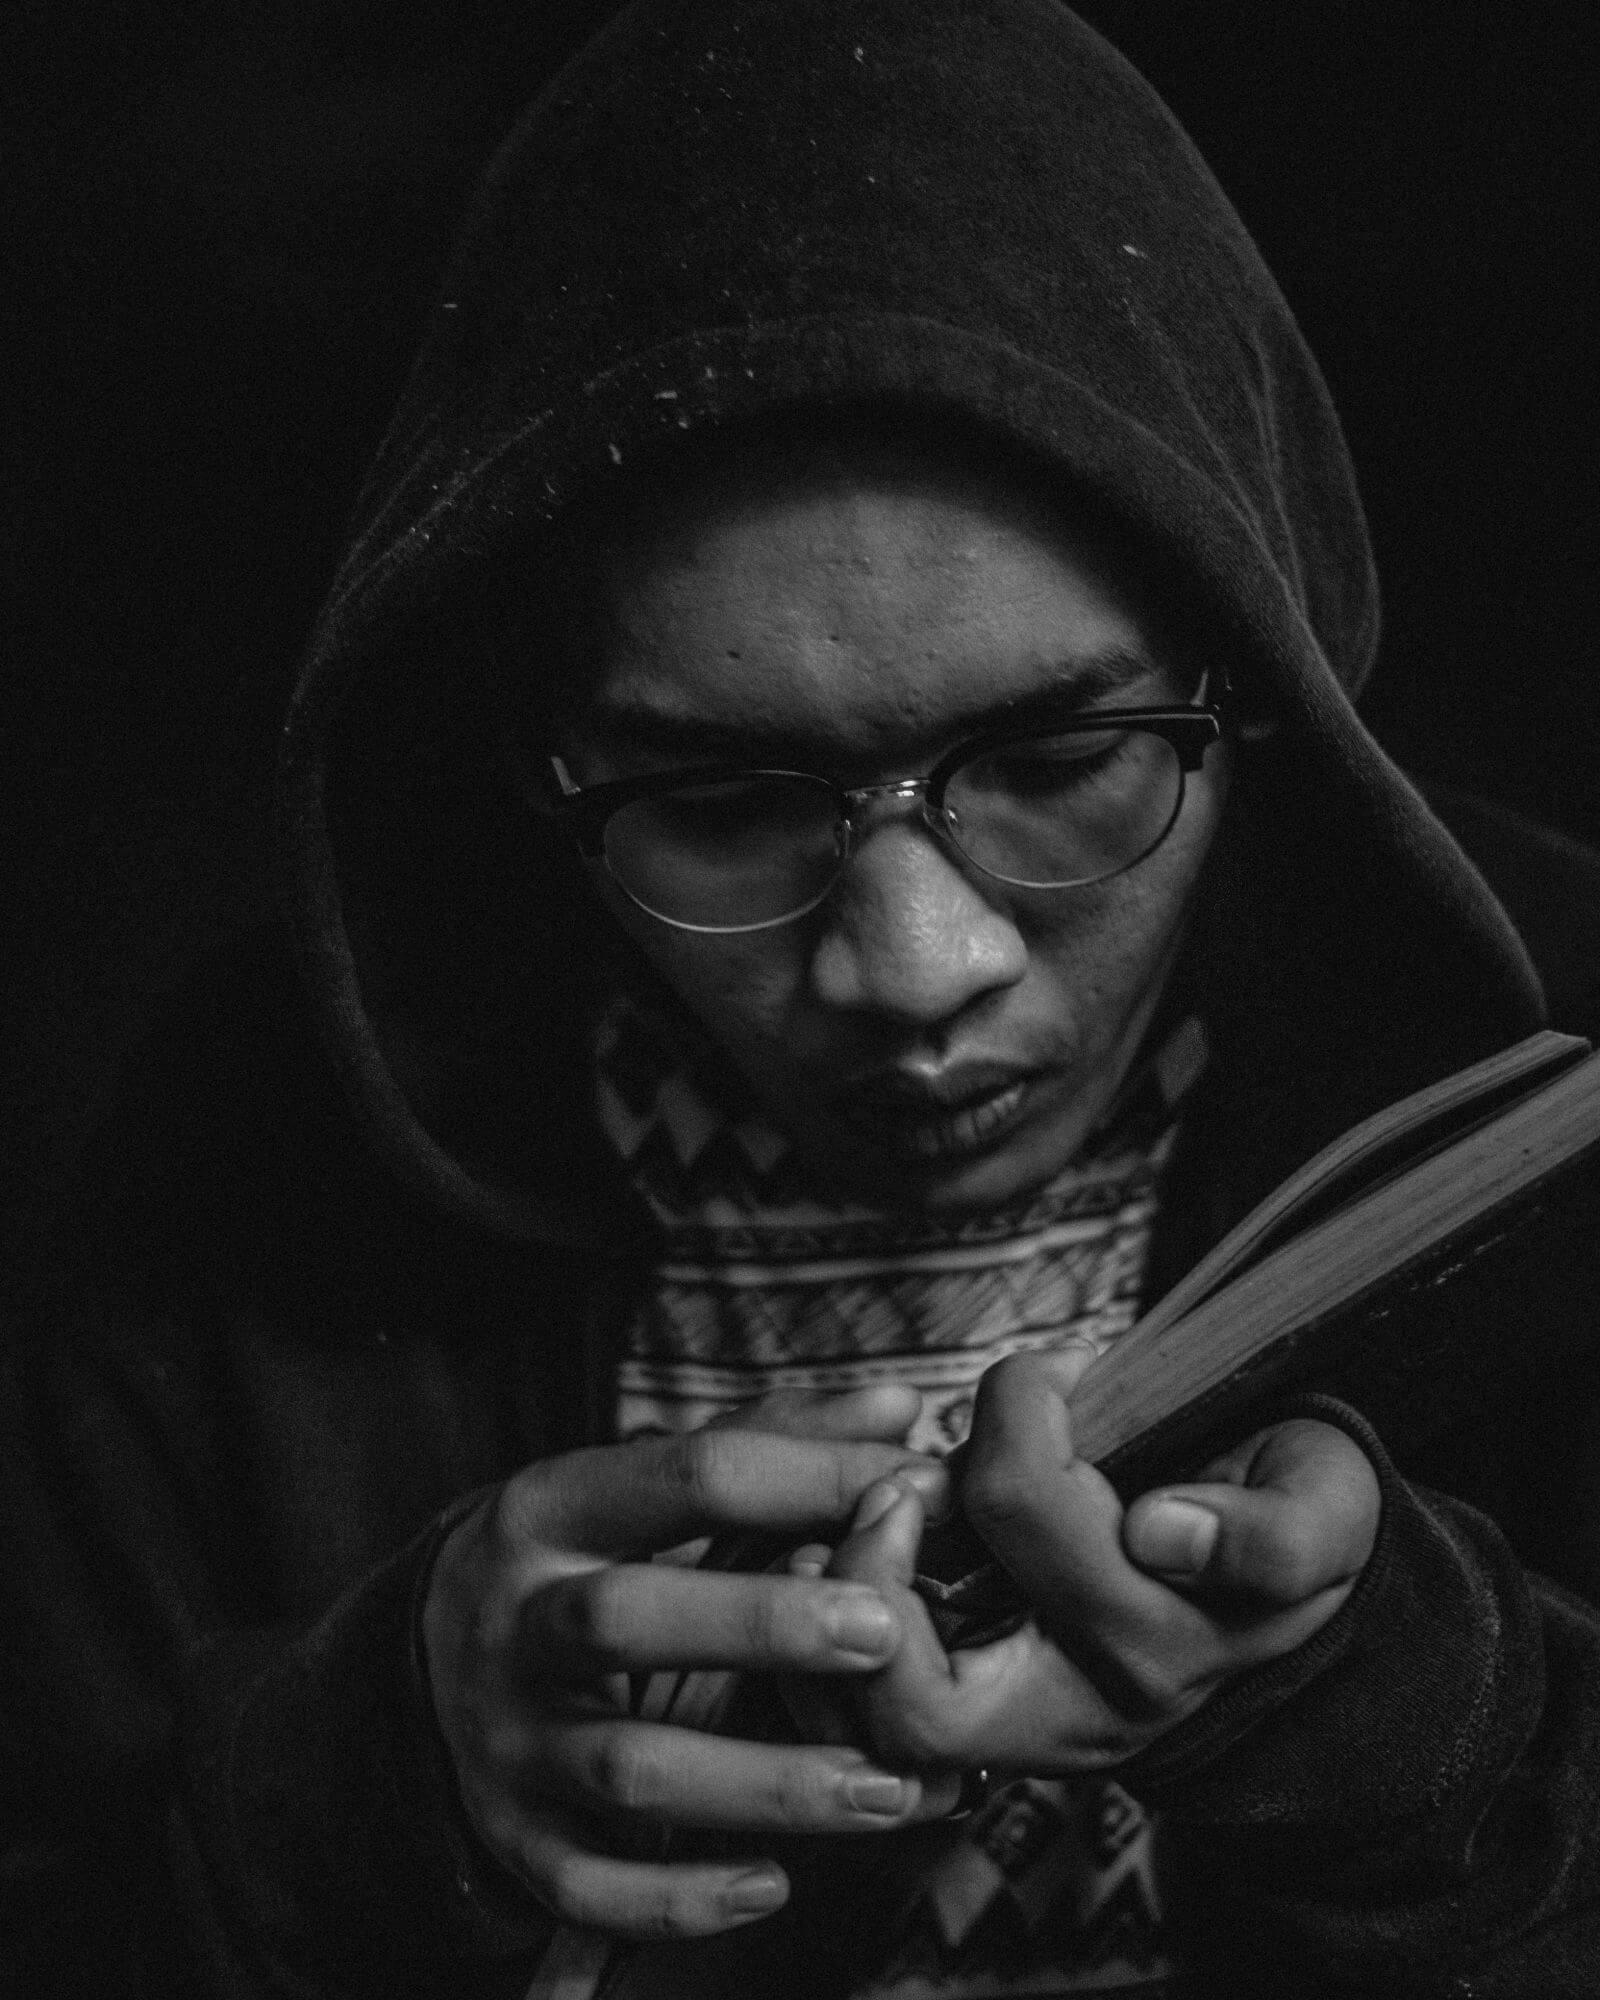 Набиль Росмэн, Малайзия / Nabil Rosman, Malaysia, Победитель категории «Проект/21», Фотоконкурс Hasselblad Masters